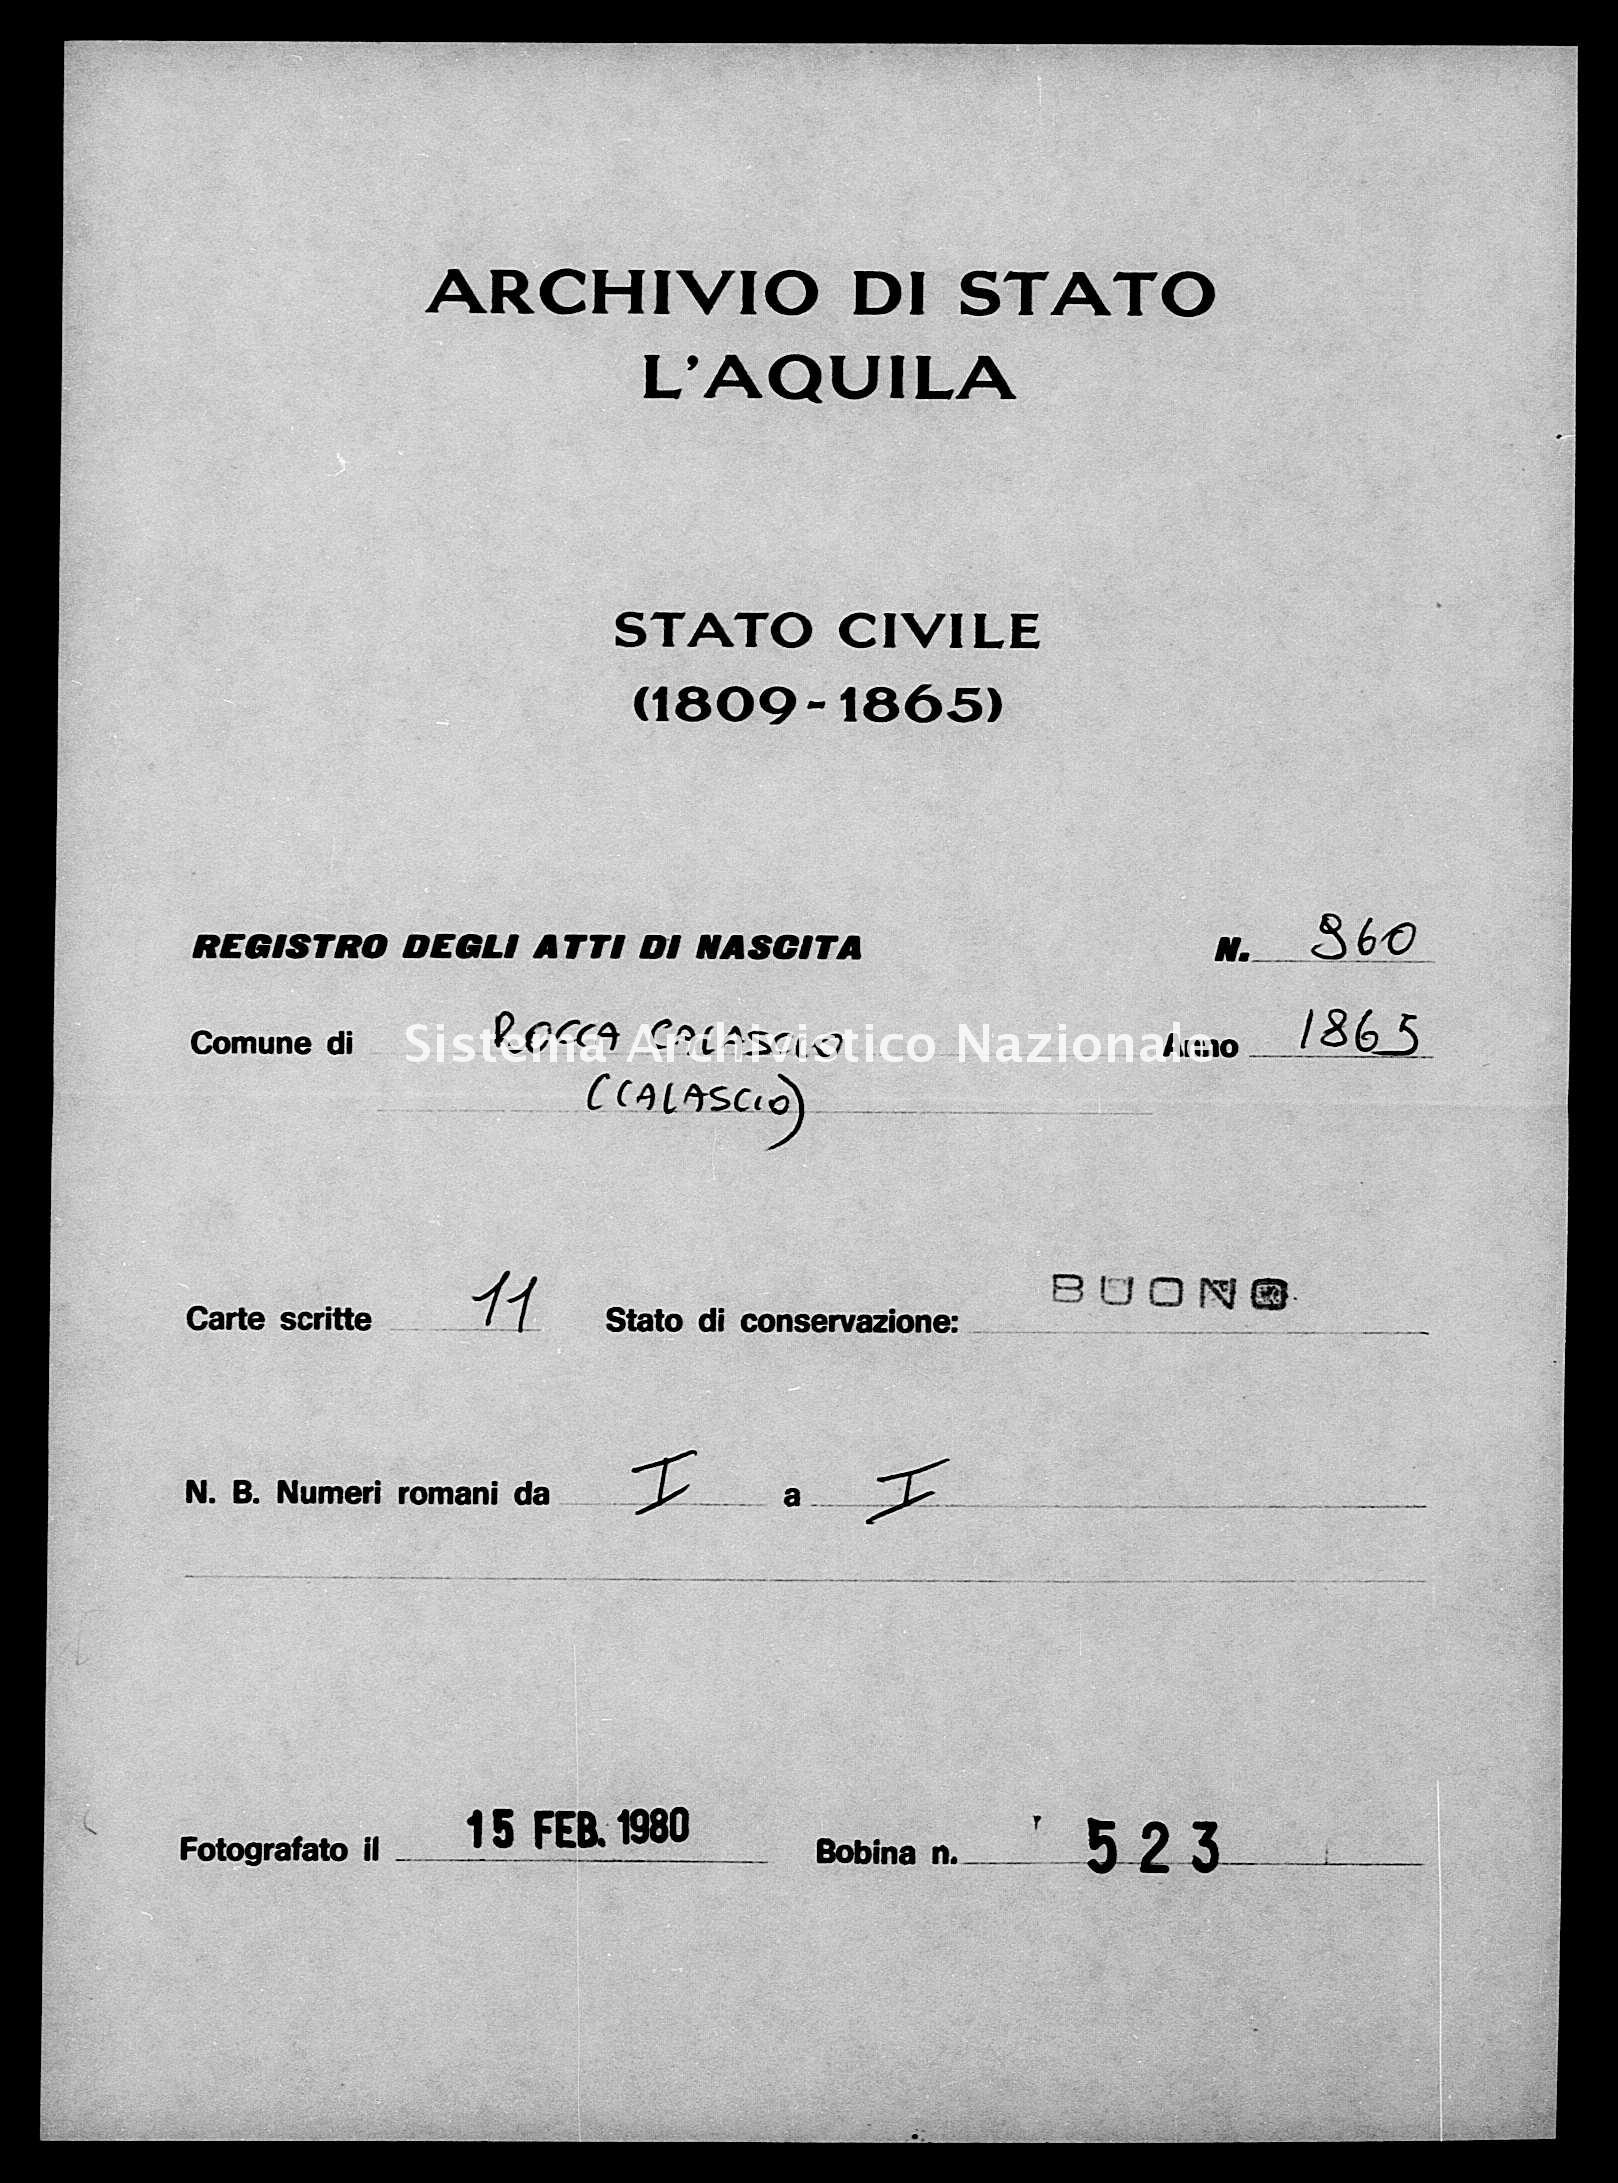 Archivio di stato di L'aquila - Stato civile italiano - Rocca Calascio - Nati - 1865 - 960 -